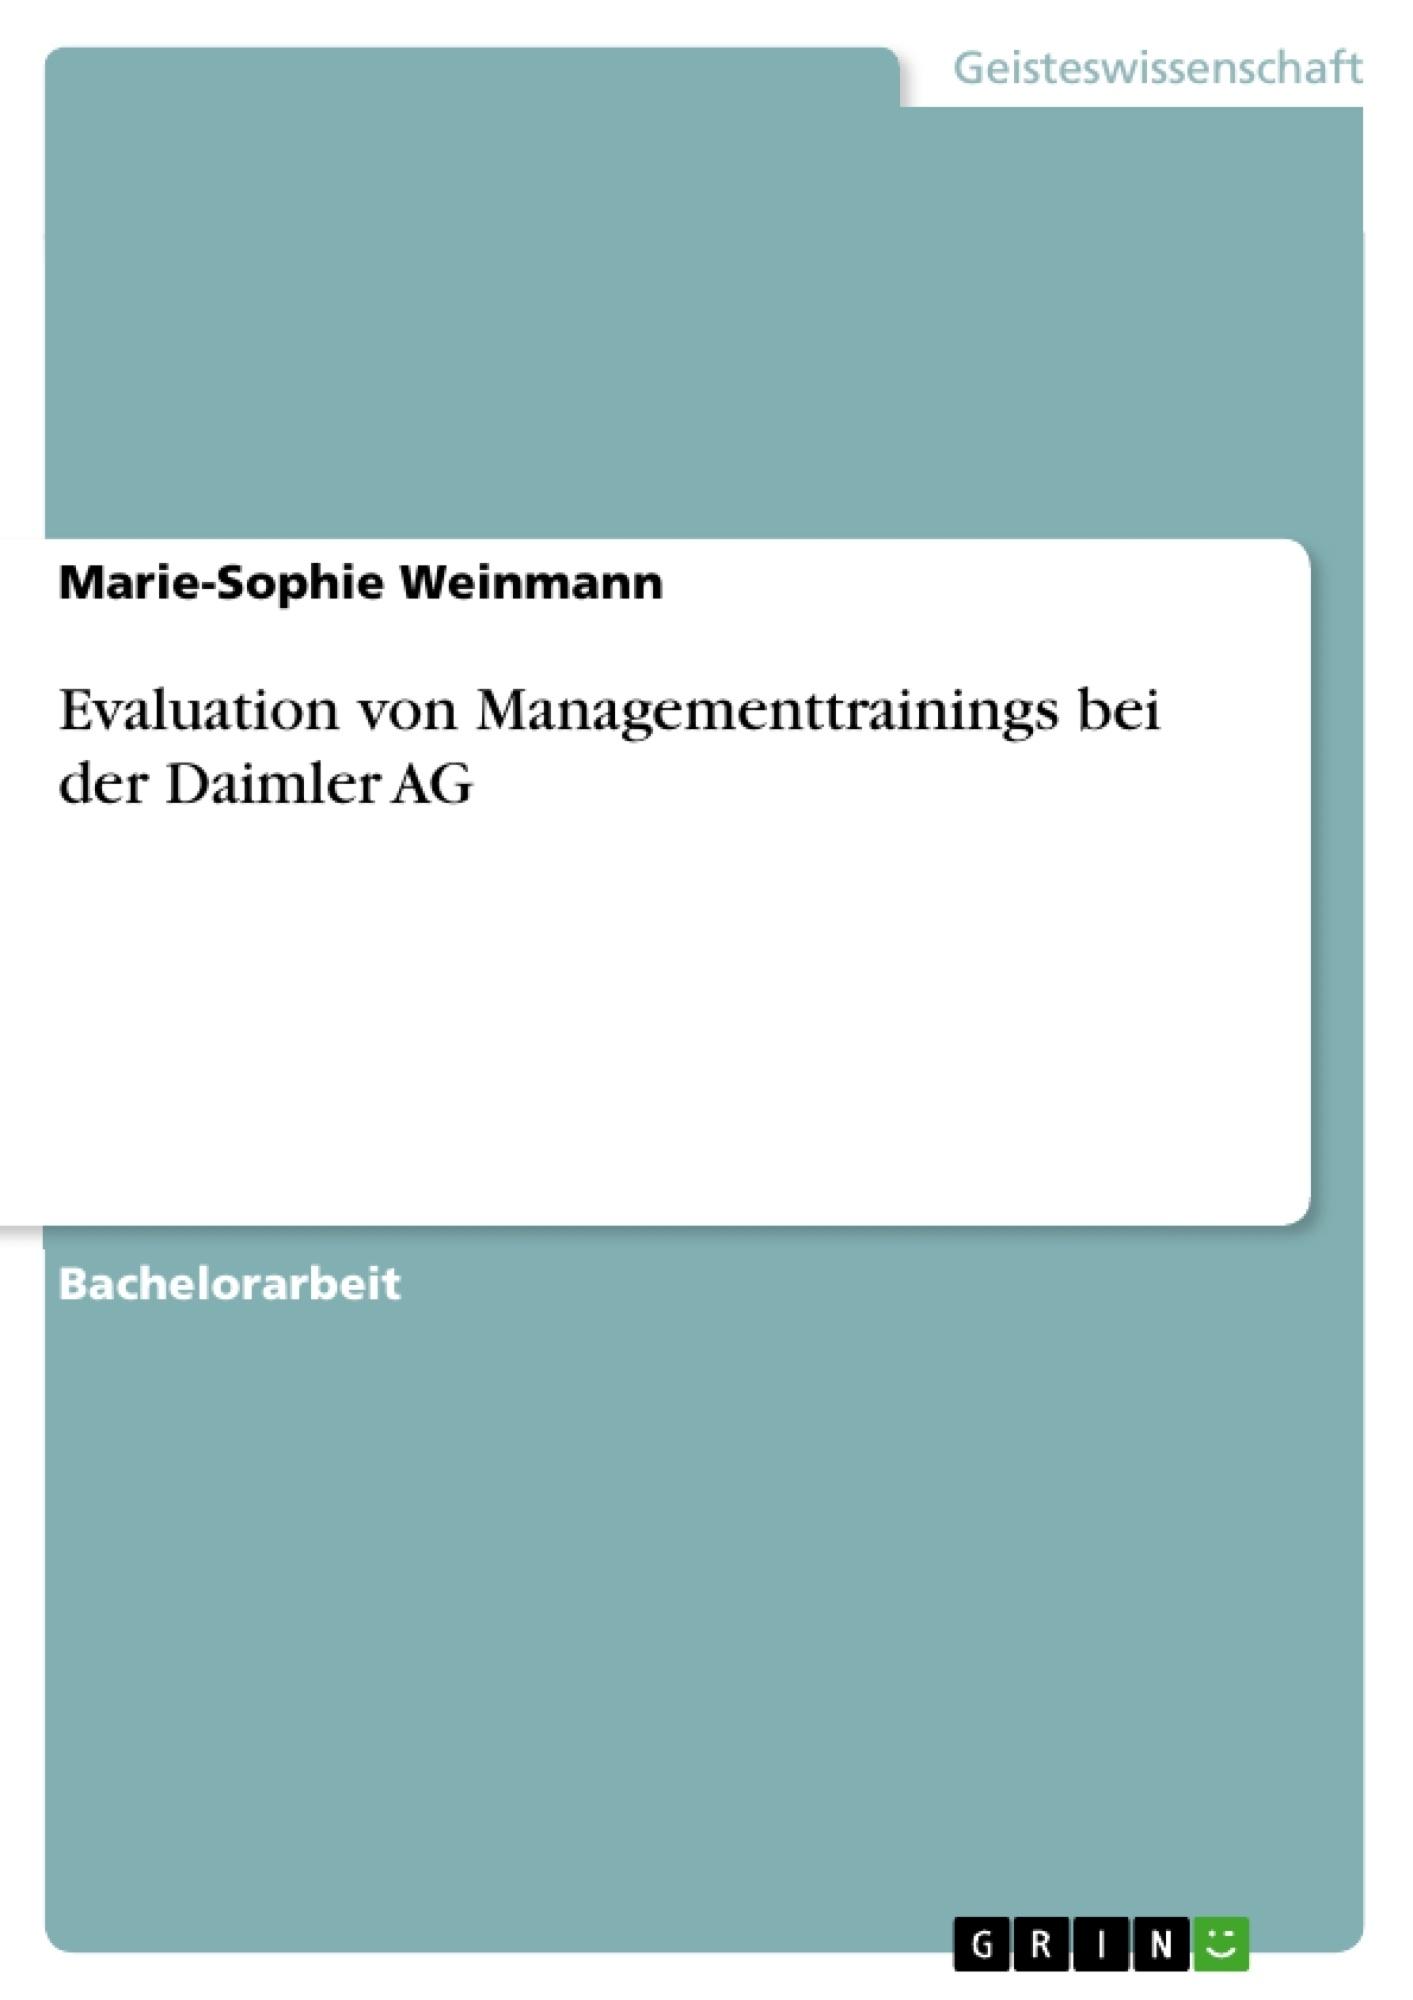 Titel: Evaluation von Managementtrainings bei der Daimler AG